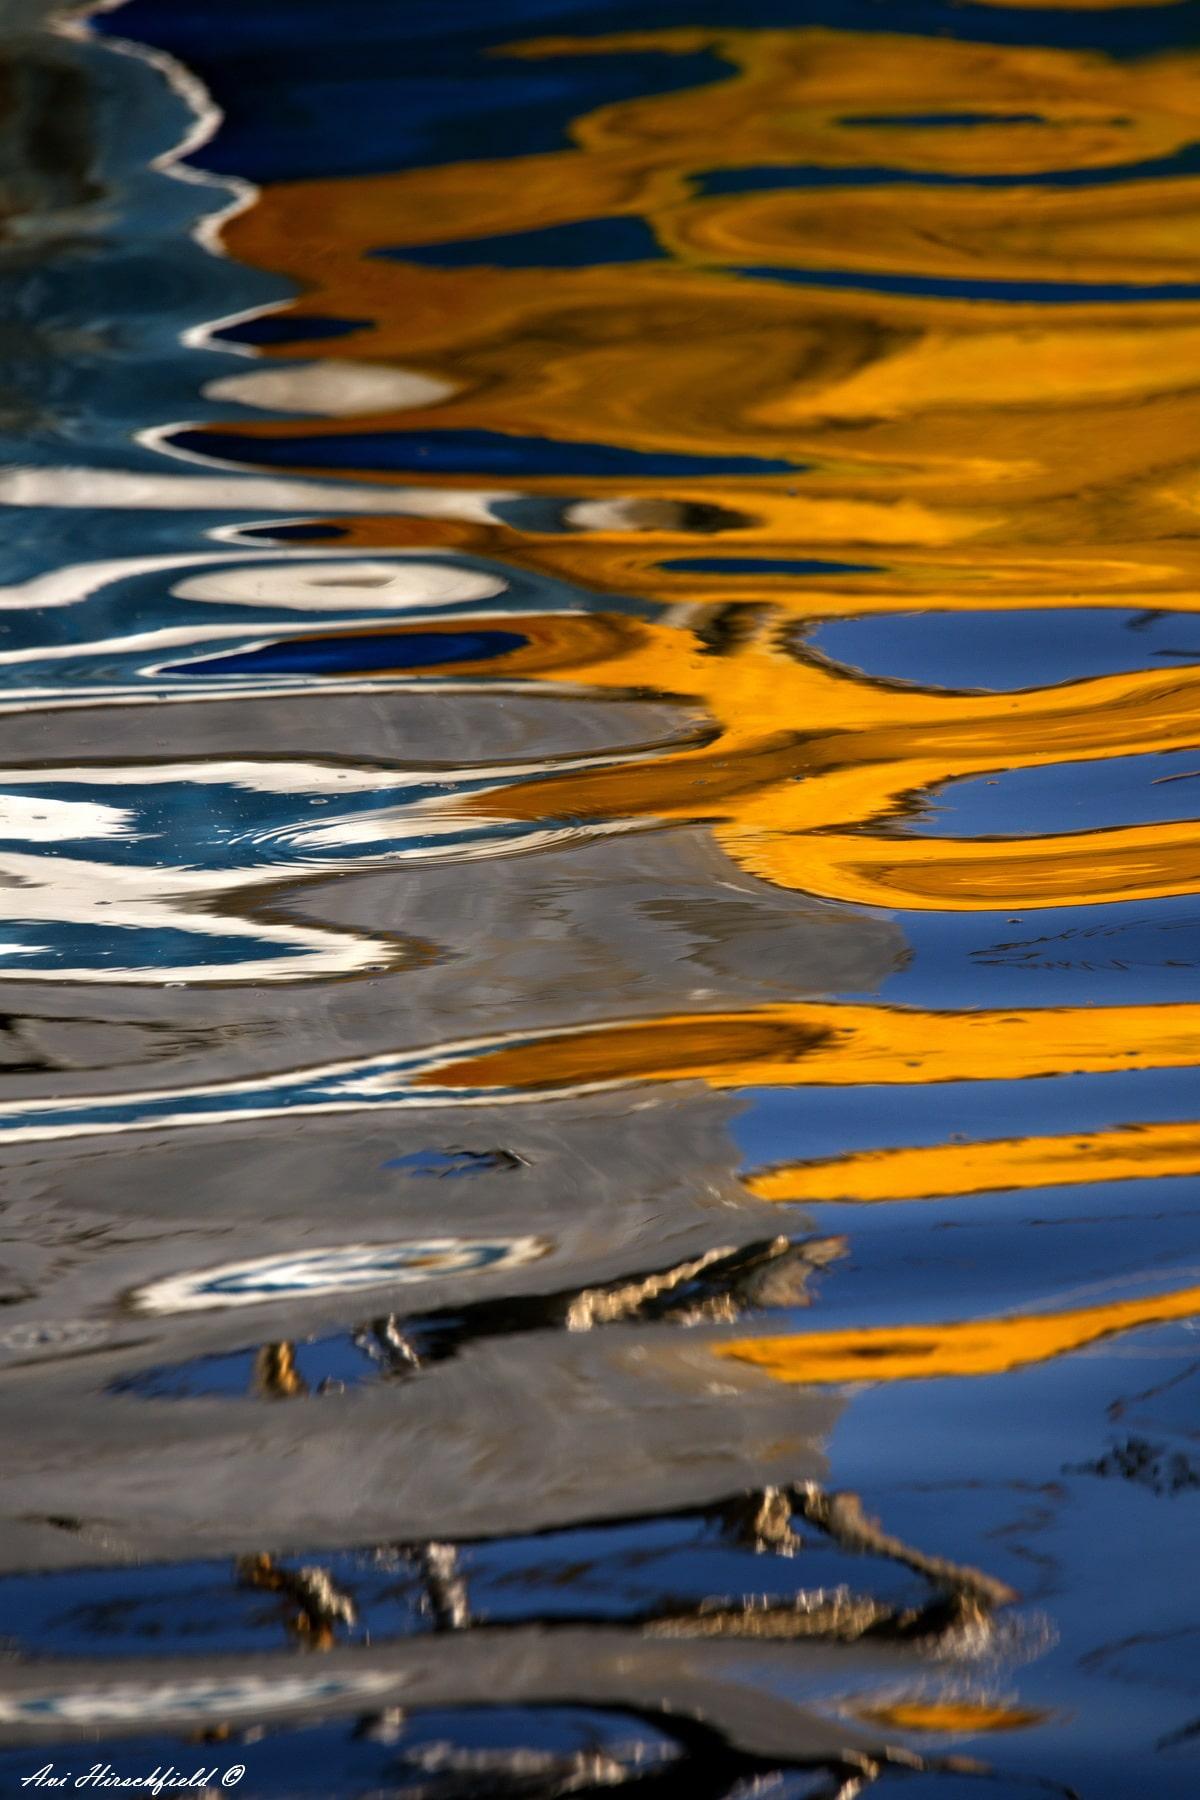 השתקפויות צהובות מרצדות על פני המים הכחולים שתנועתם העדינה שוברת את בבואת העולם הנשקף בהם. ערבוביה אבסטרקטית ומלאת רוך של צבעים וצורות שתיראה נפלא בהדפסה על זכוכית אקרילית